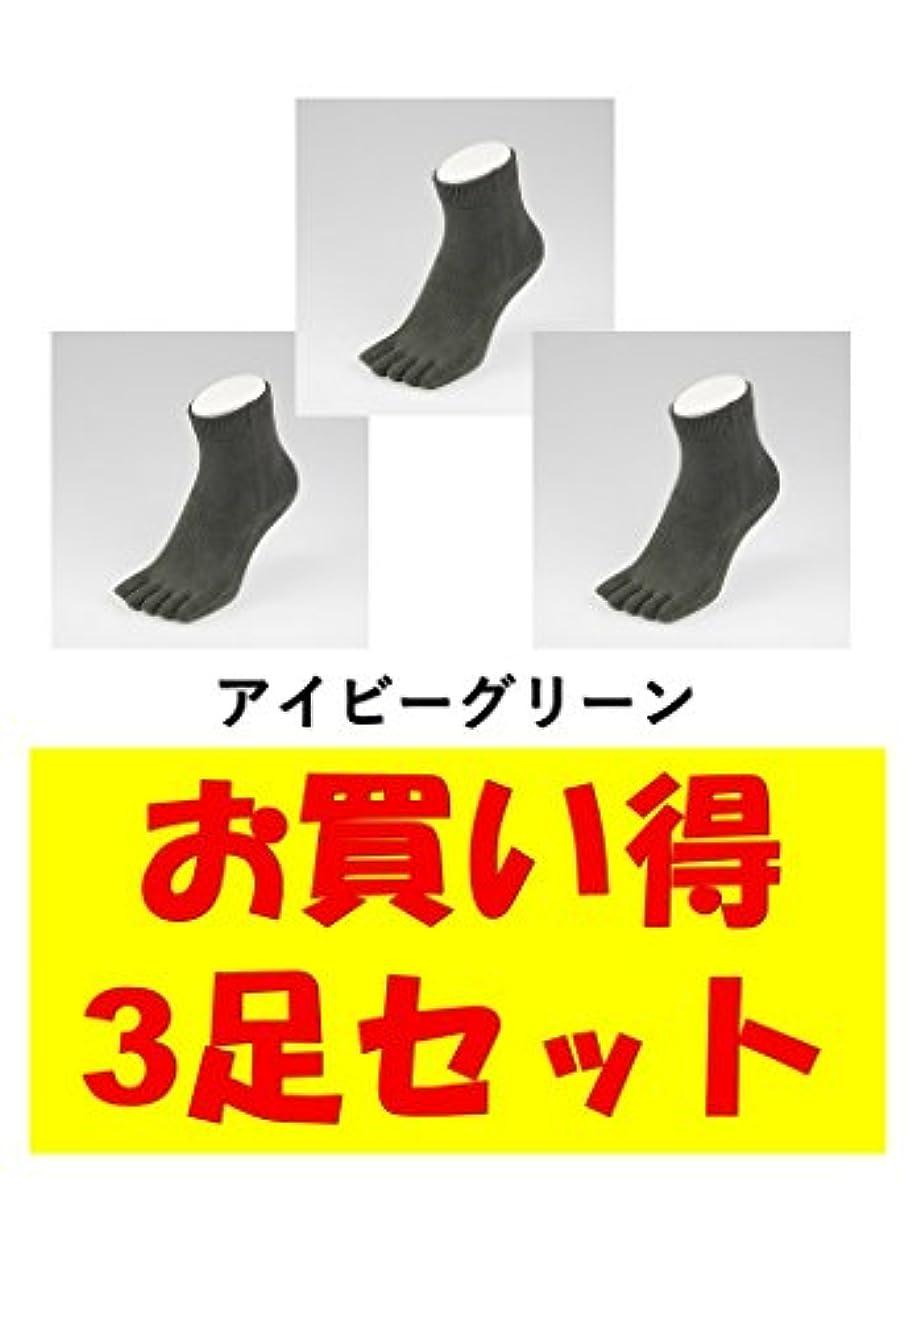 群集再現する軽量お買い得3足セット 5本指 ゆびのばソックス Neo EVE(イヴ) アイビーグリーン Sサイズ(21.0cm - 24.0cm) YSNEVE-IGR